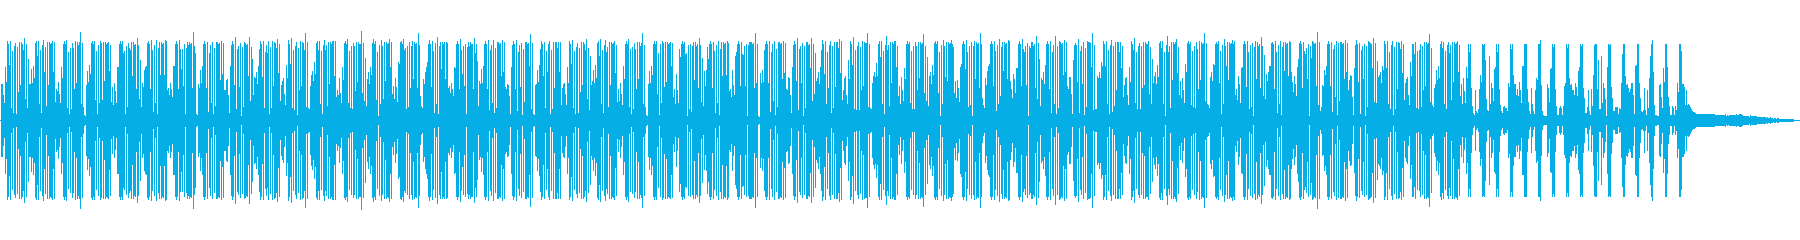 ゆったりとしたポップなBGMの再生済みの波形